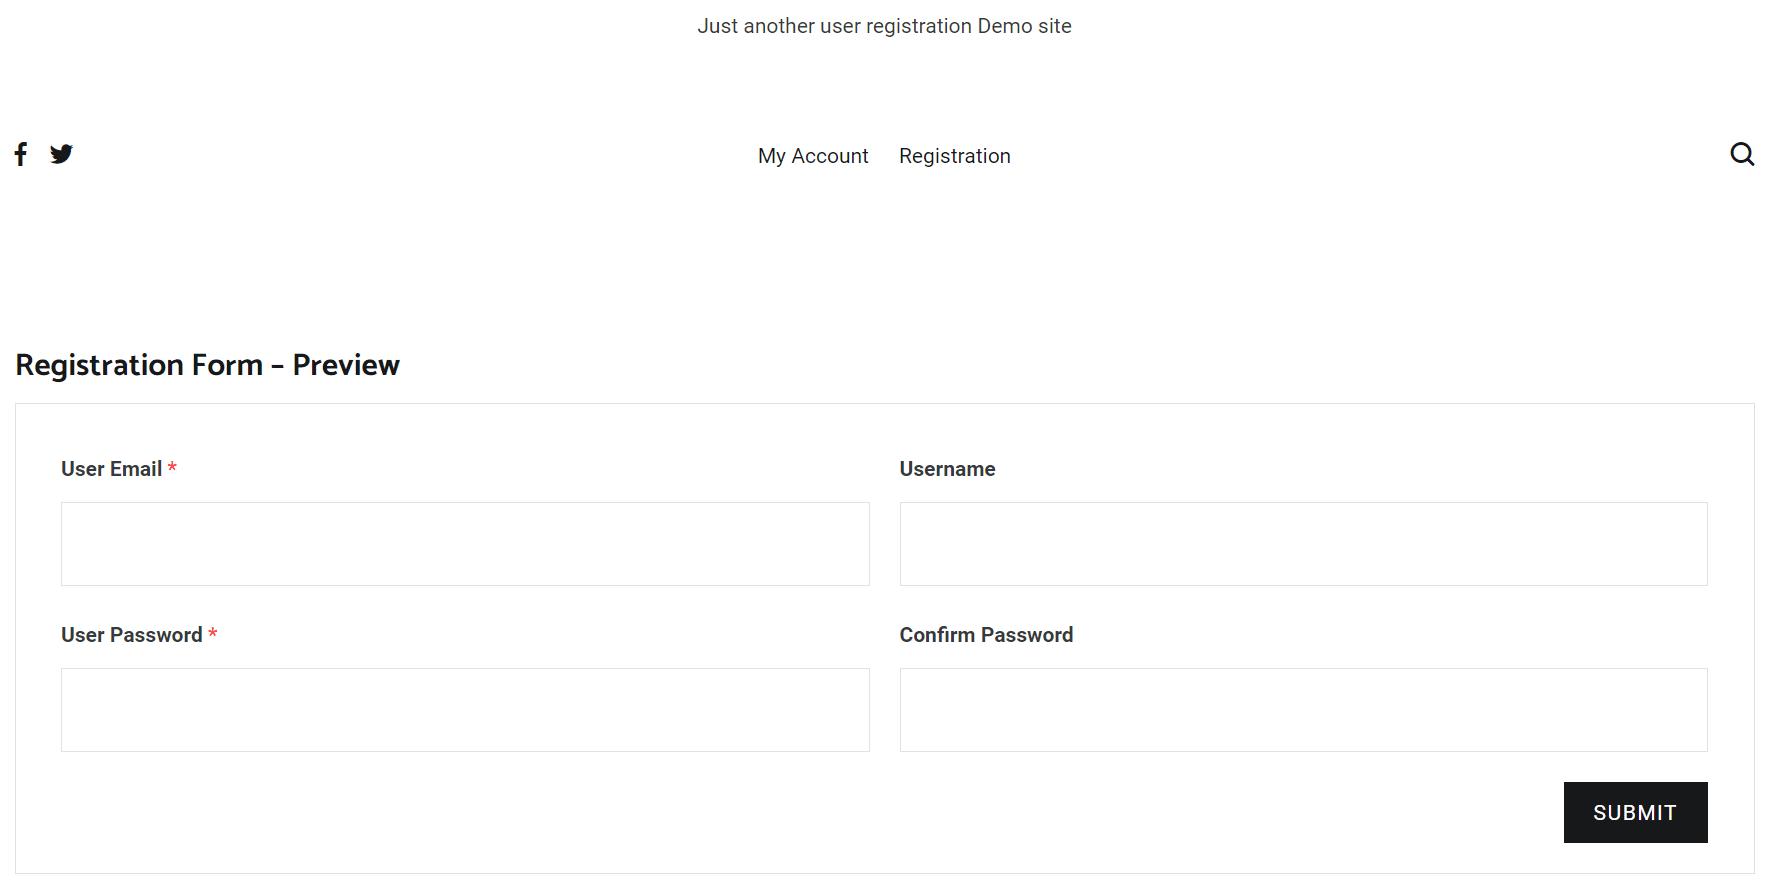 Teste do formulário de registro usando perfis sociais